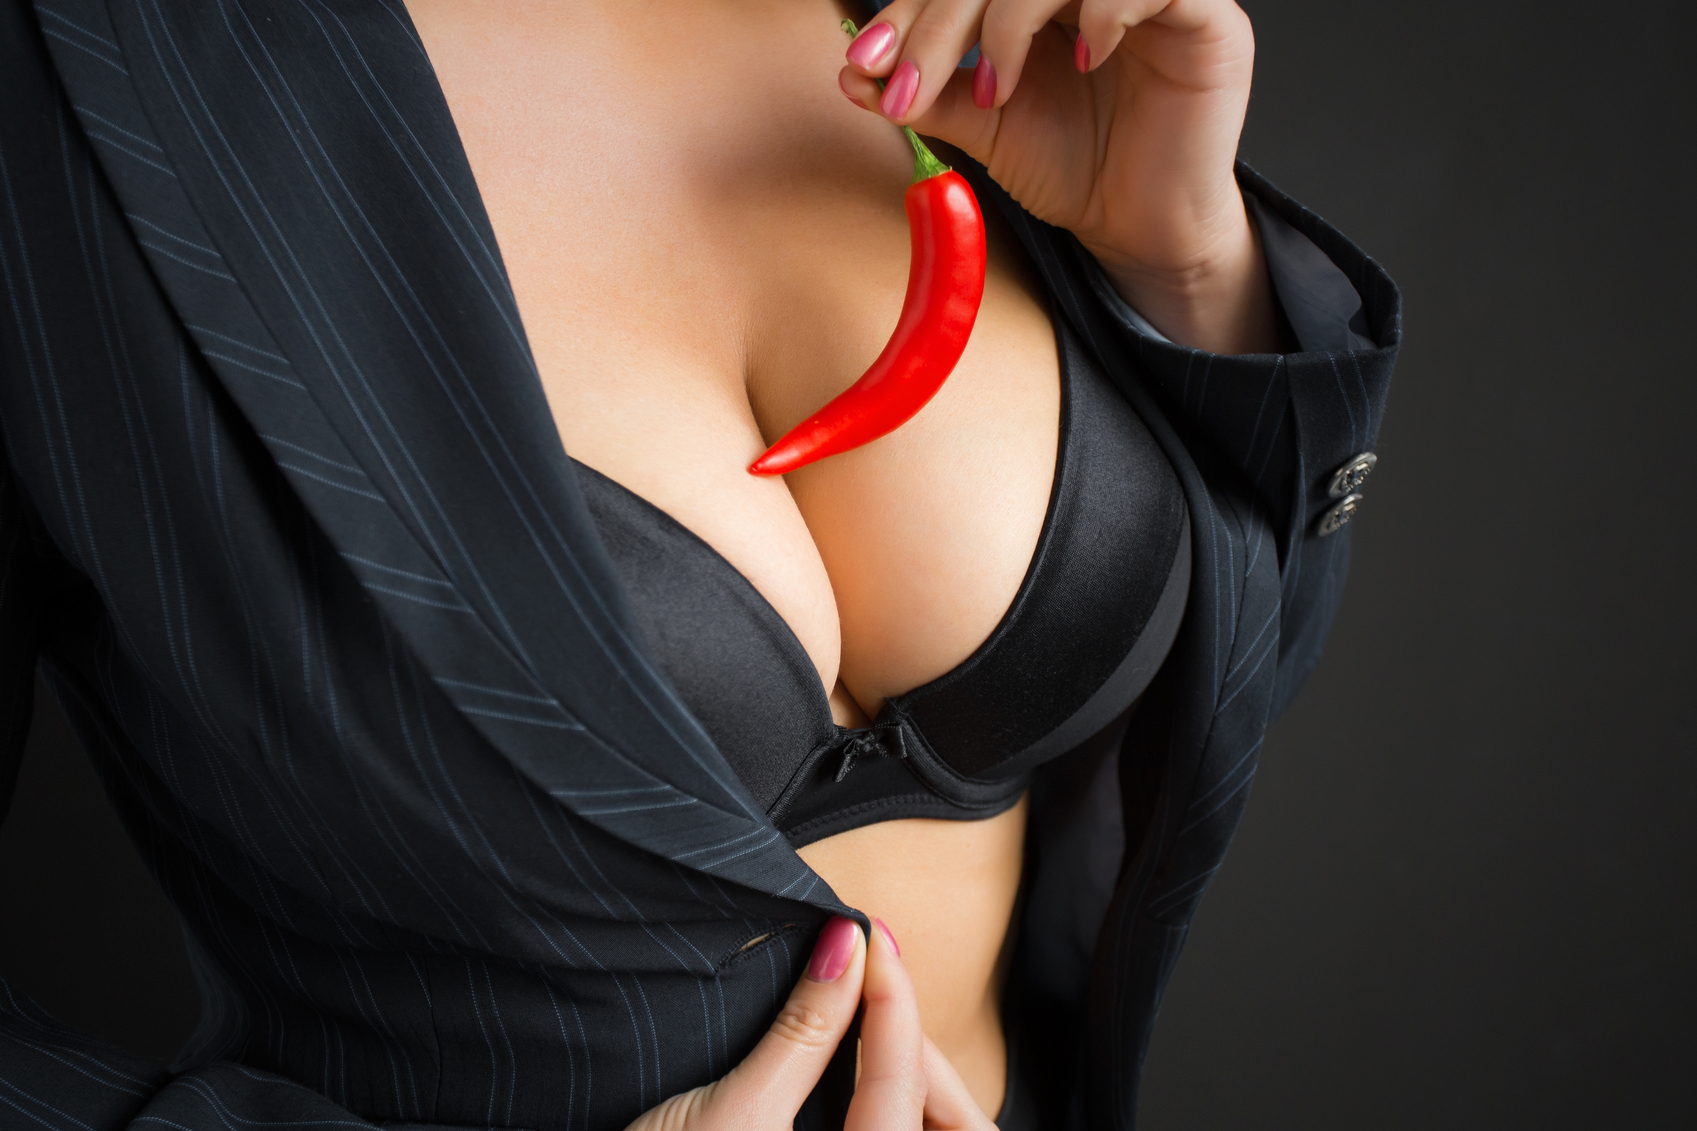 Идеальная грудь: ежедневный уход и полезные советы